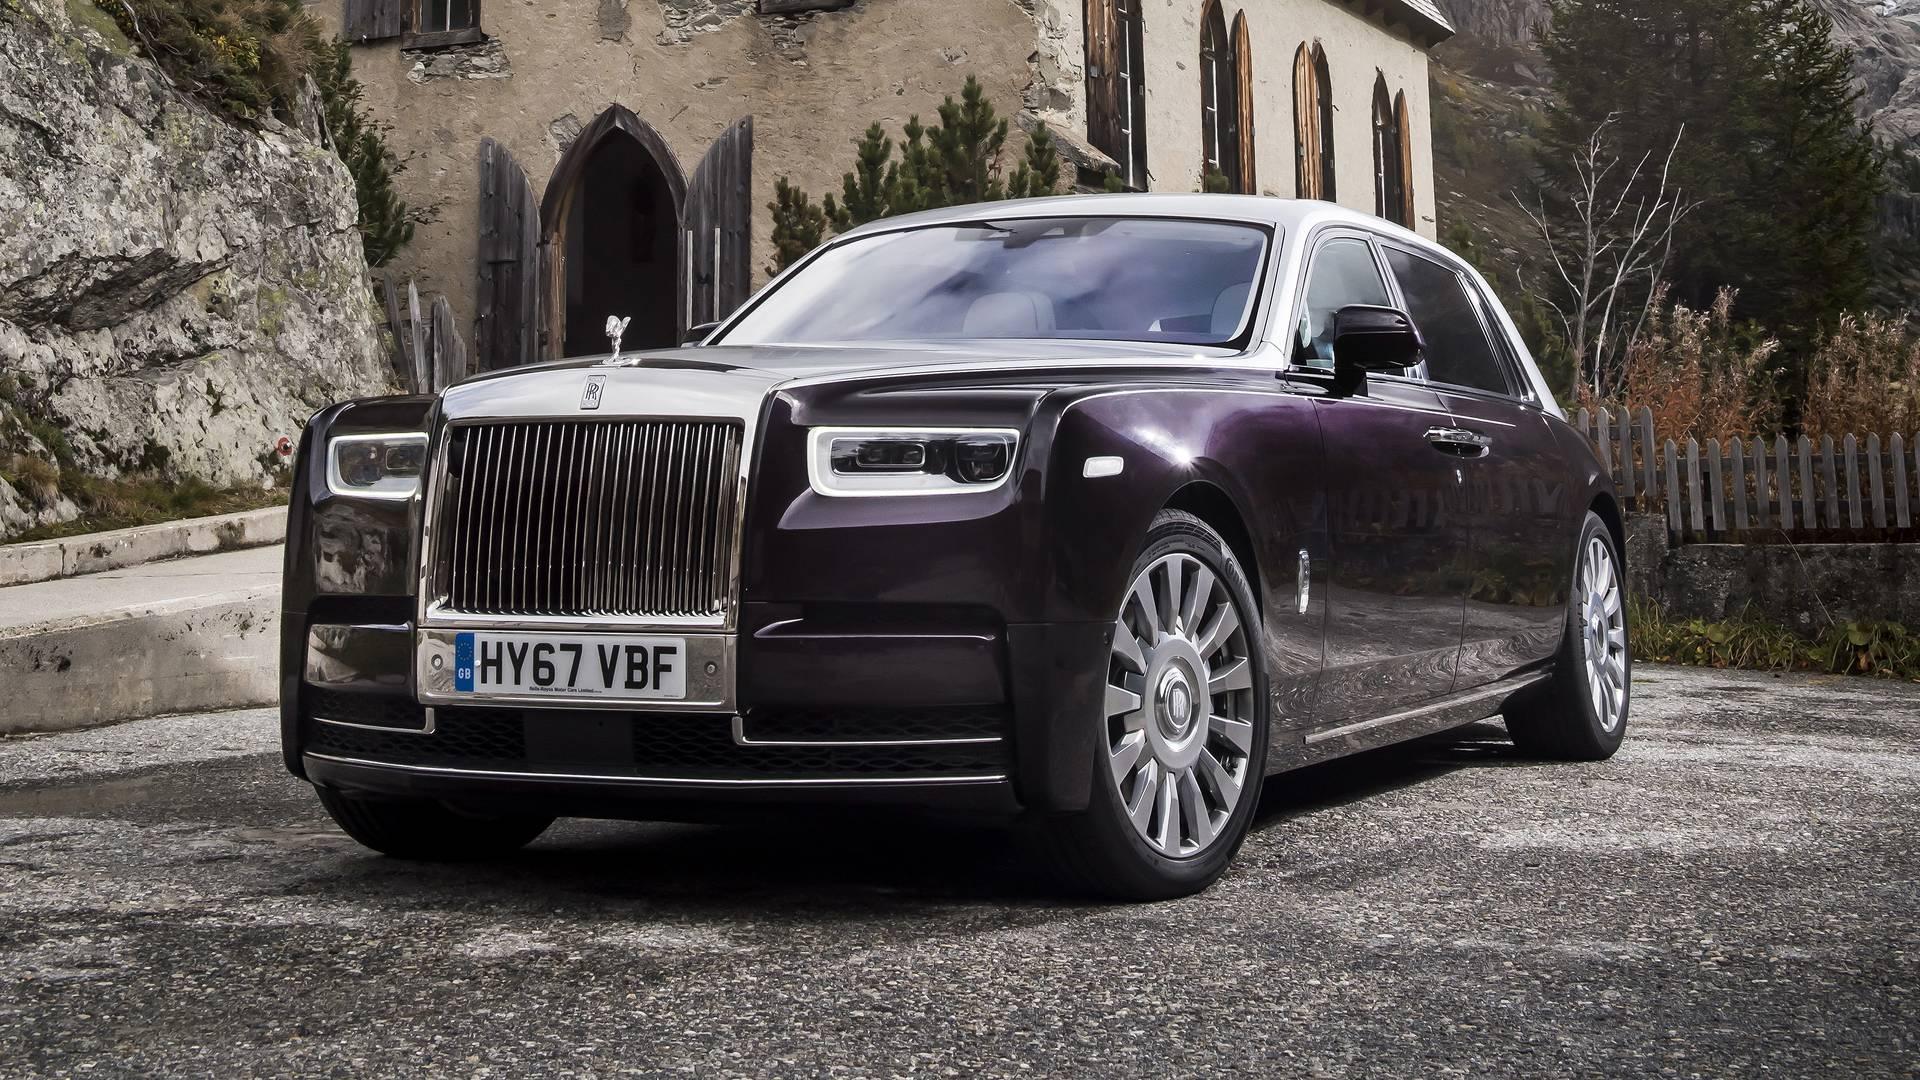 Day Chuyền Sản Xuất Xe Rolls Royce Co Nguy Cơ Bị Te Liệt Vi Brexit